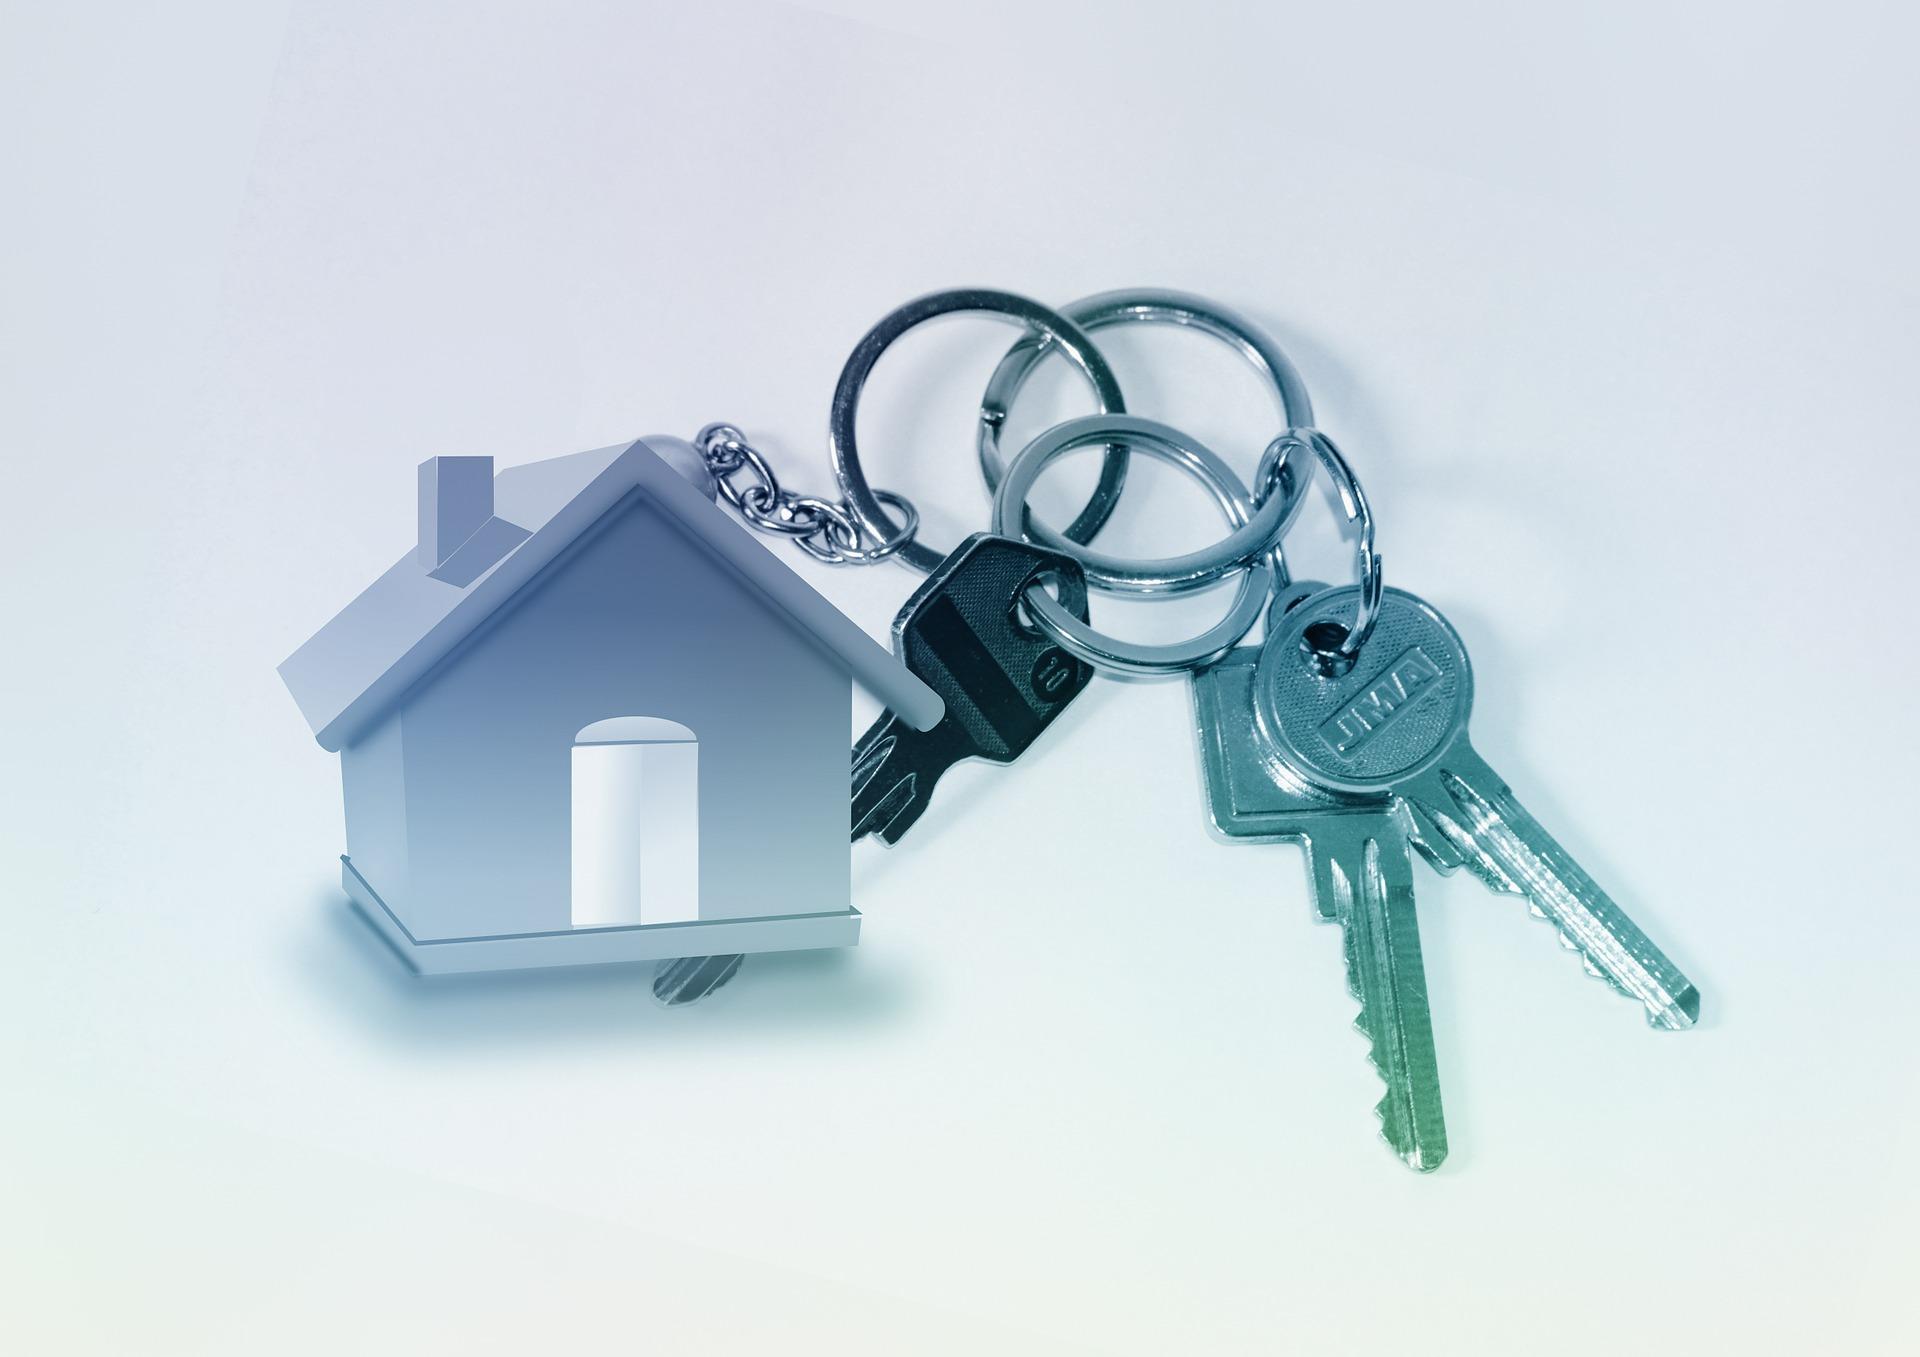 Zakład Gospodarki Mieszkaniowej ogłasza przetarg licytacyjny